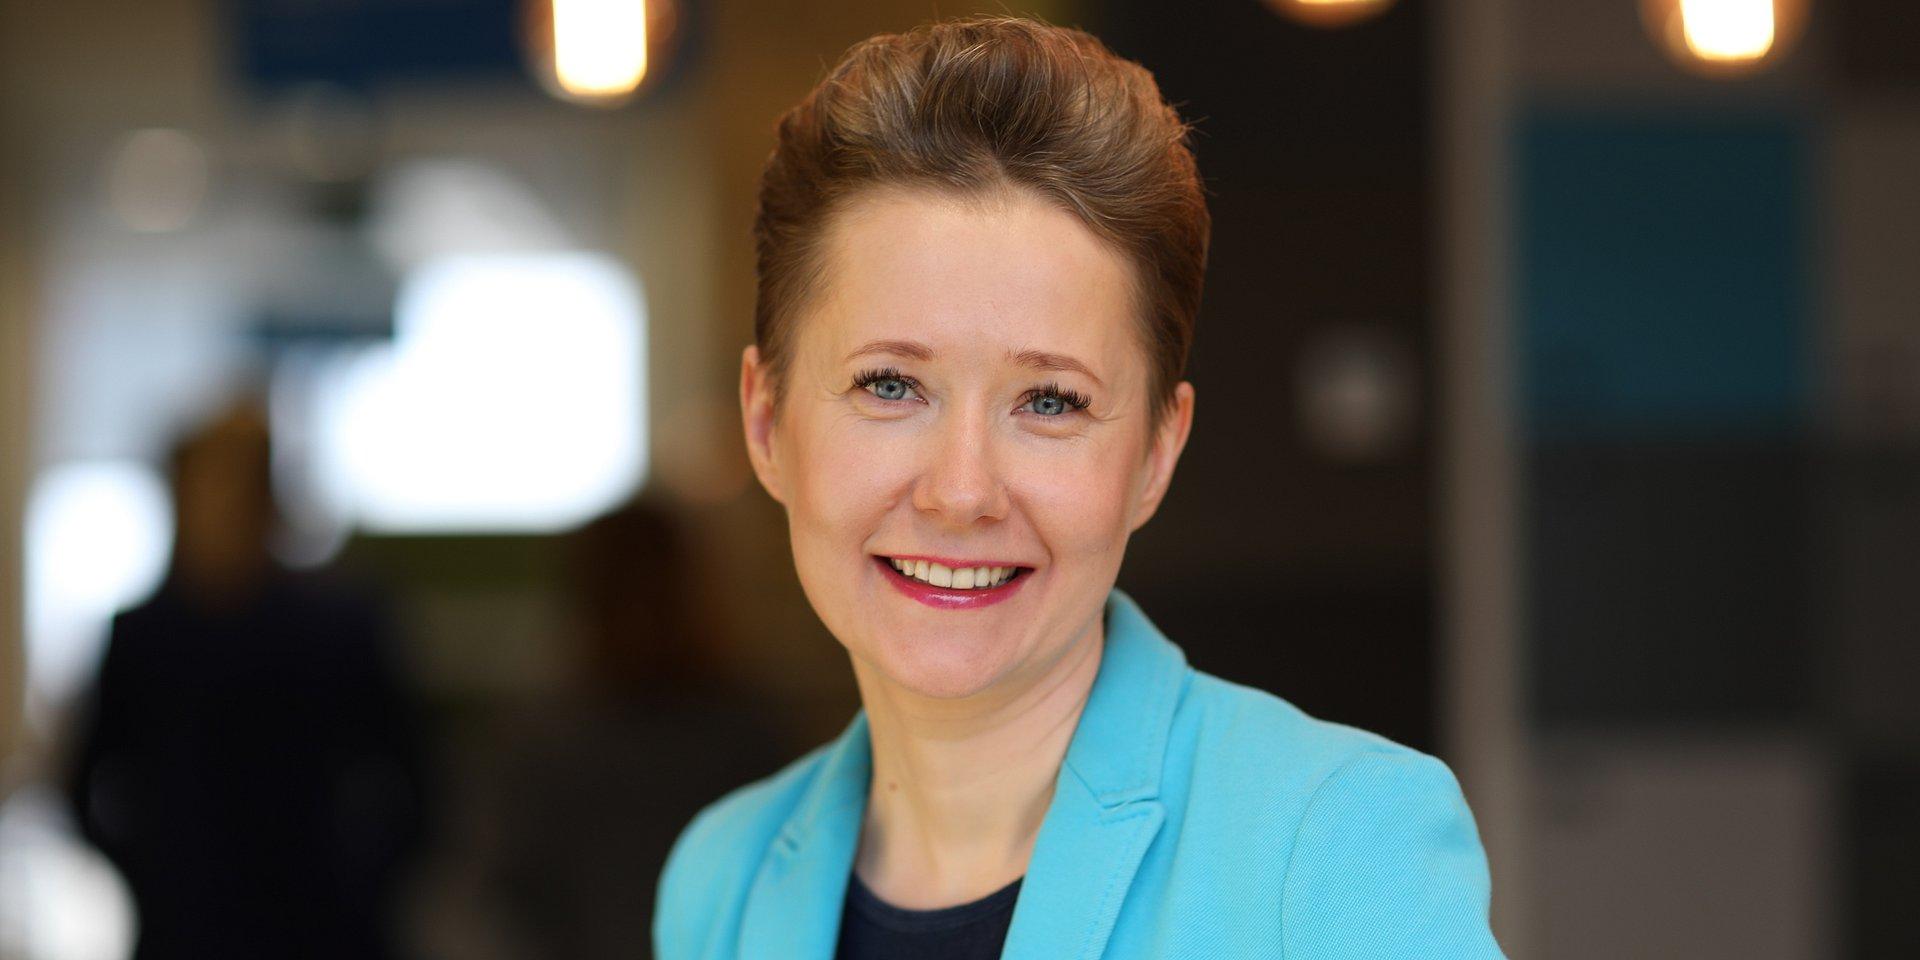 Sylwia Pędzińska, senior partner odpowiedzialna w Colliers International w Polsce za obszar Innovation&Knowledge